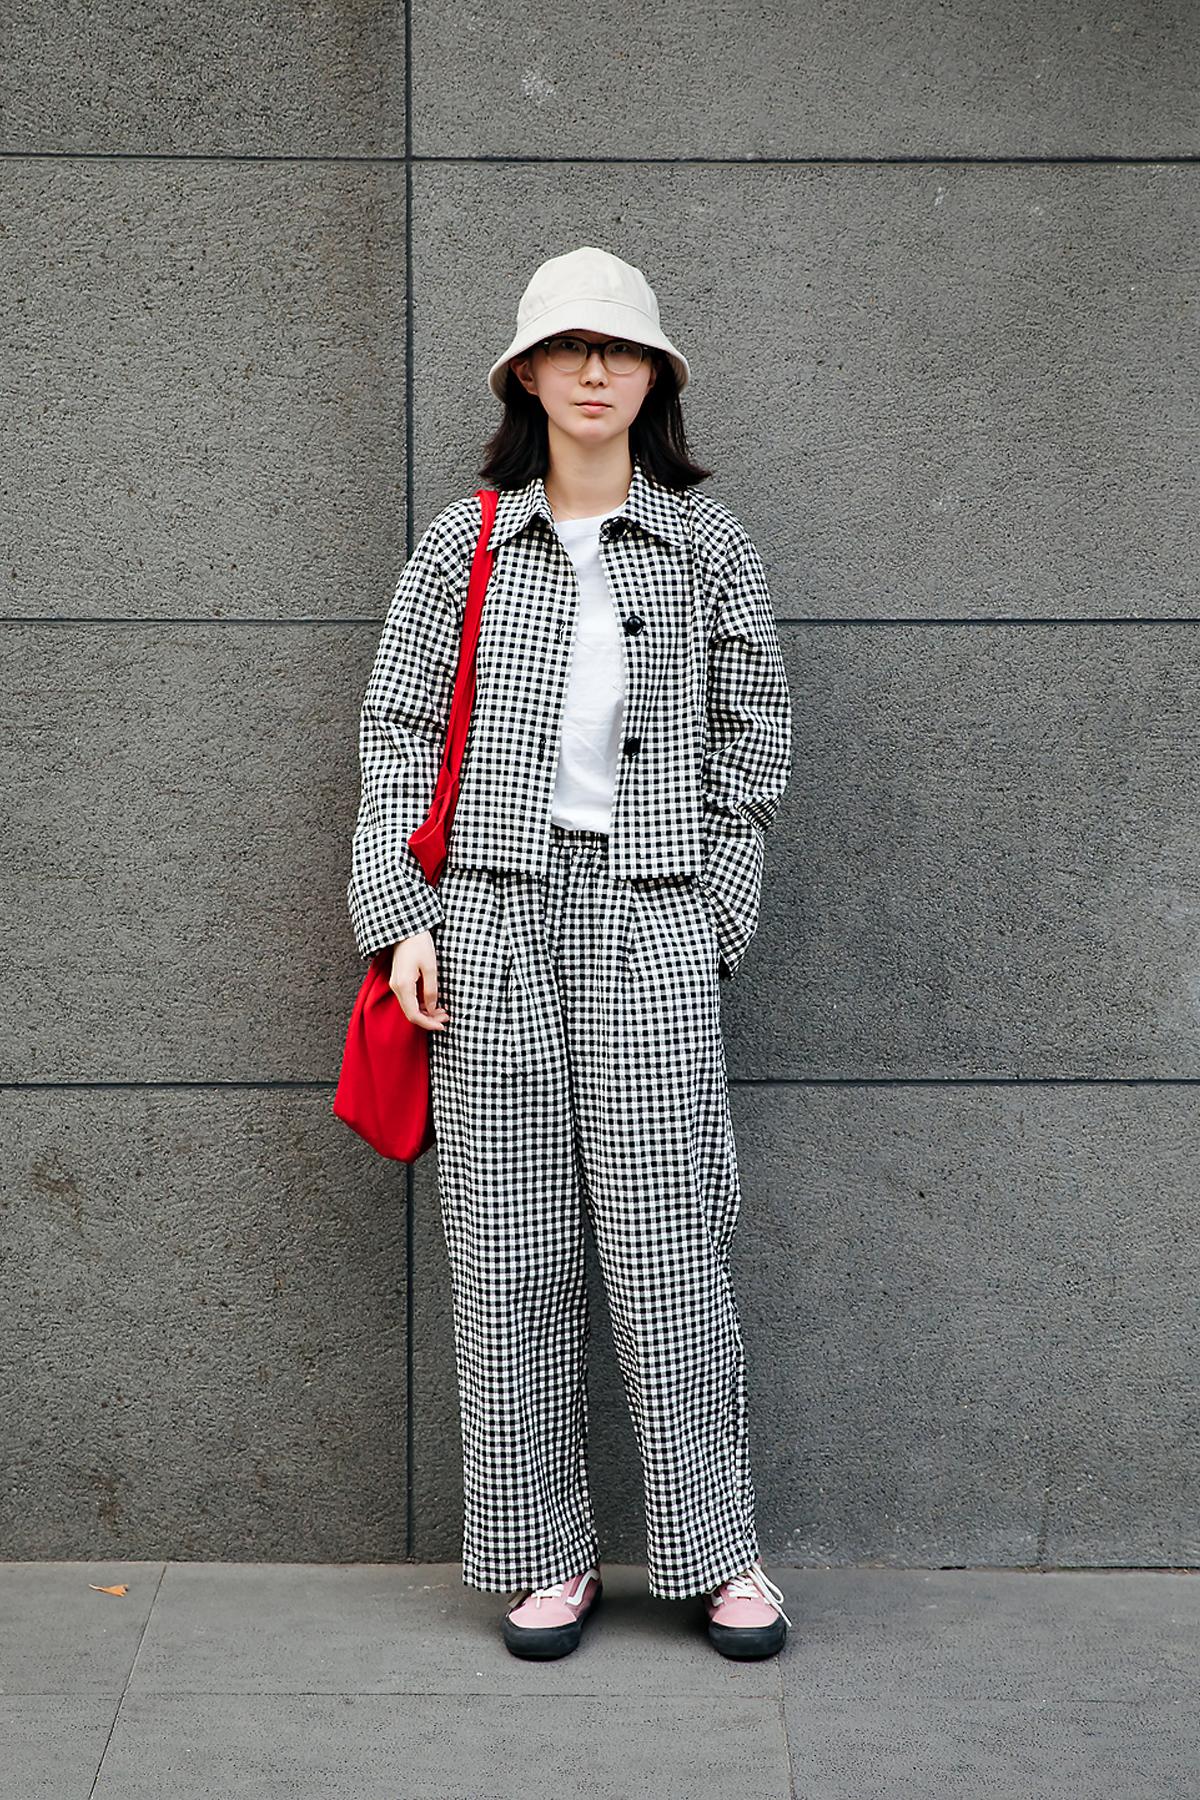 Park Hyojin, Street style women spring 2018 in seoul